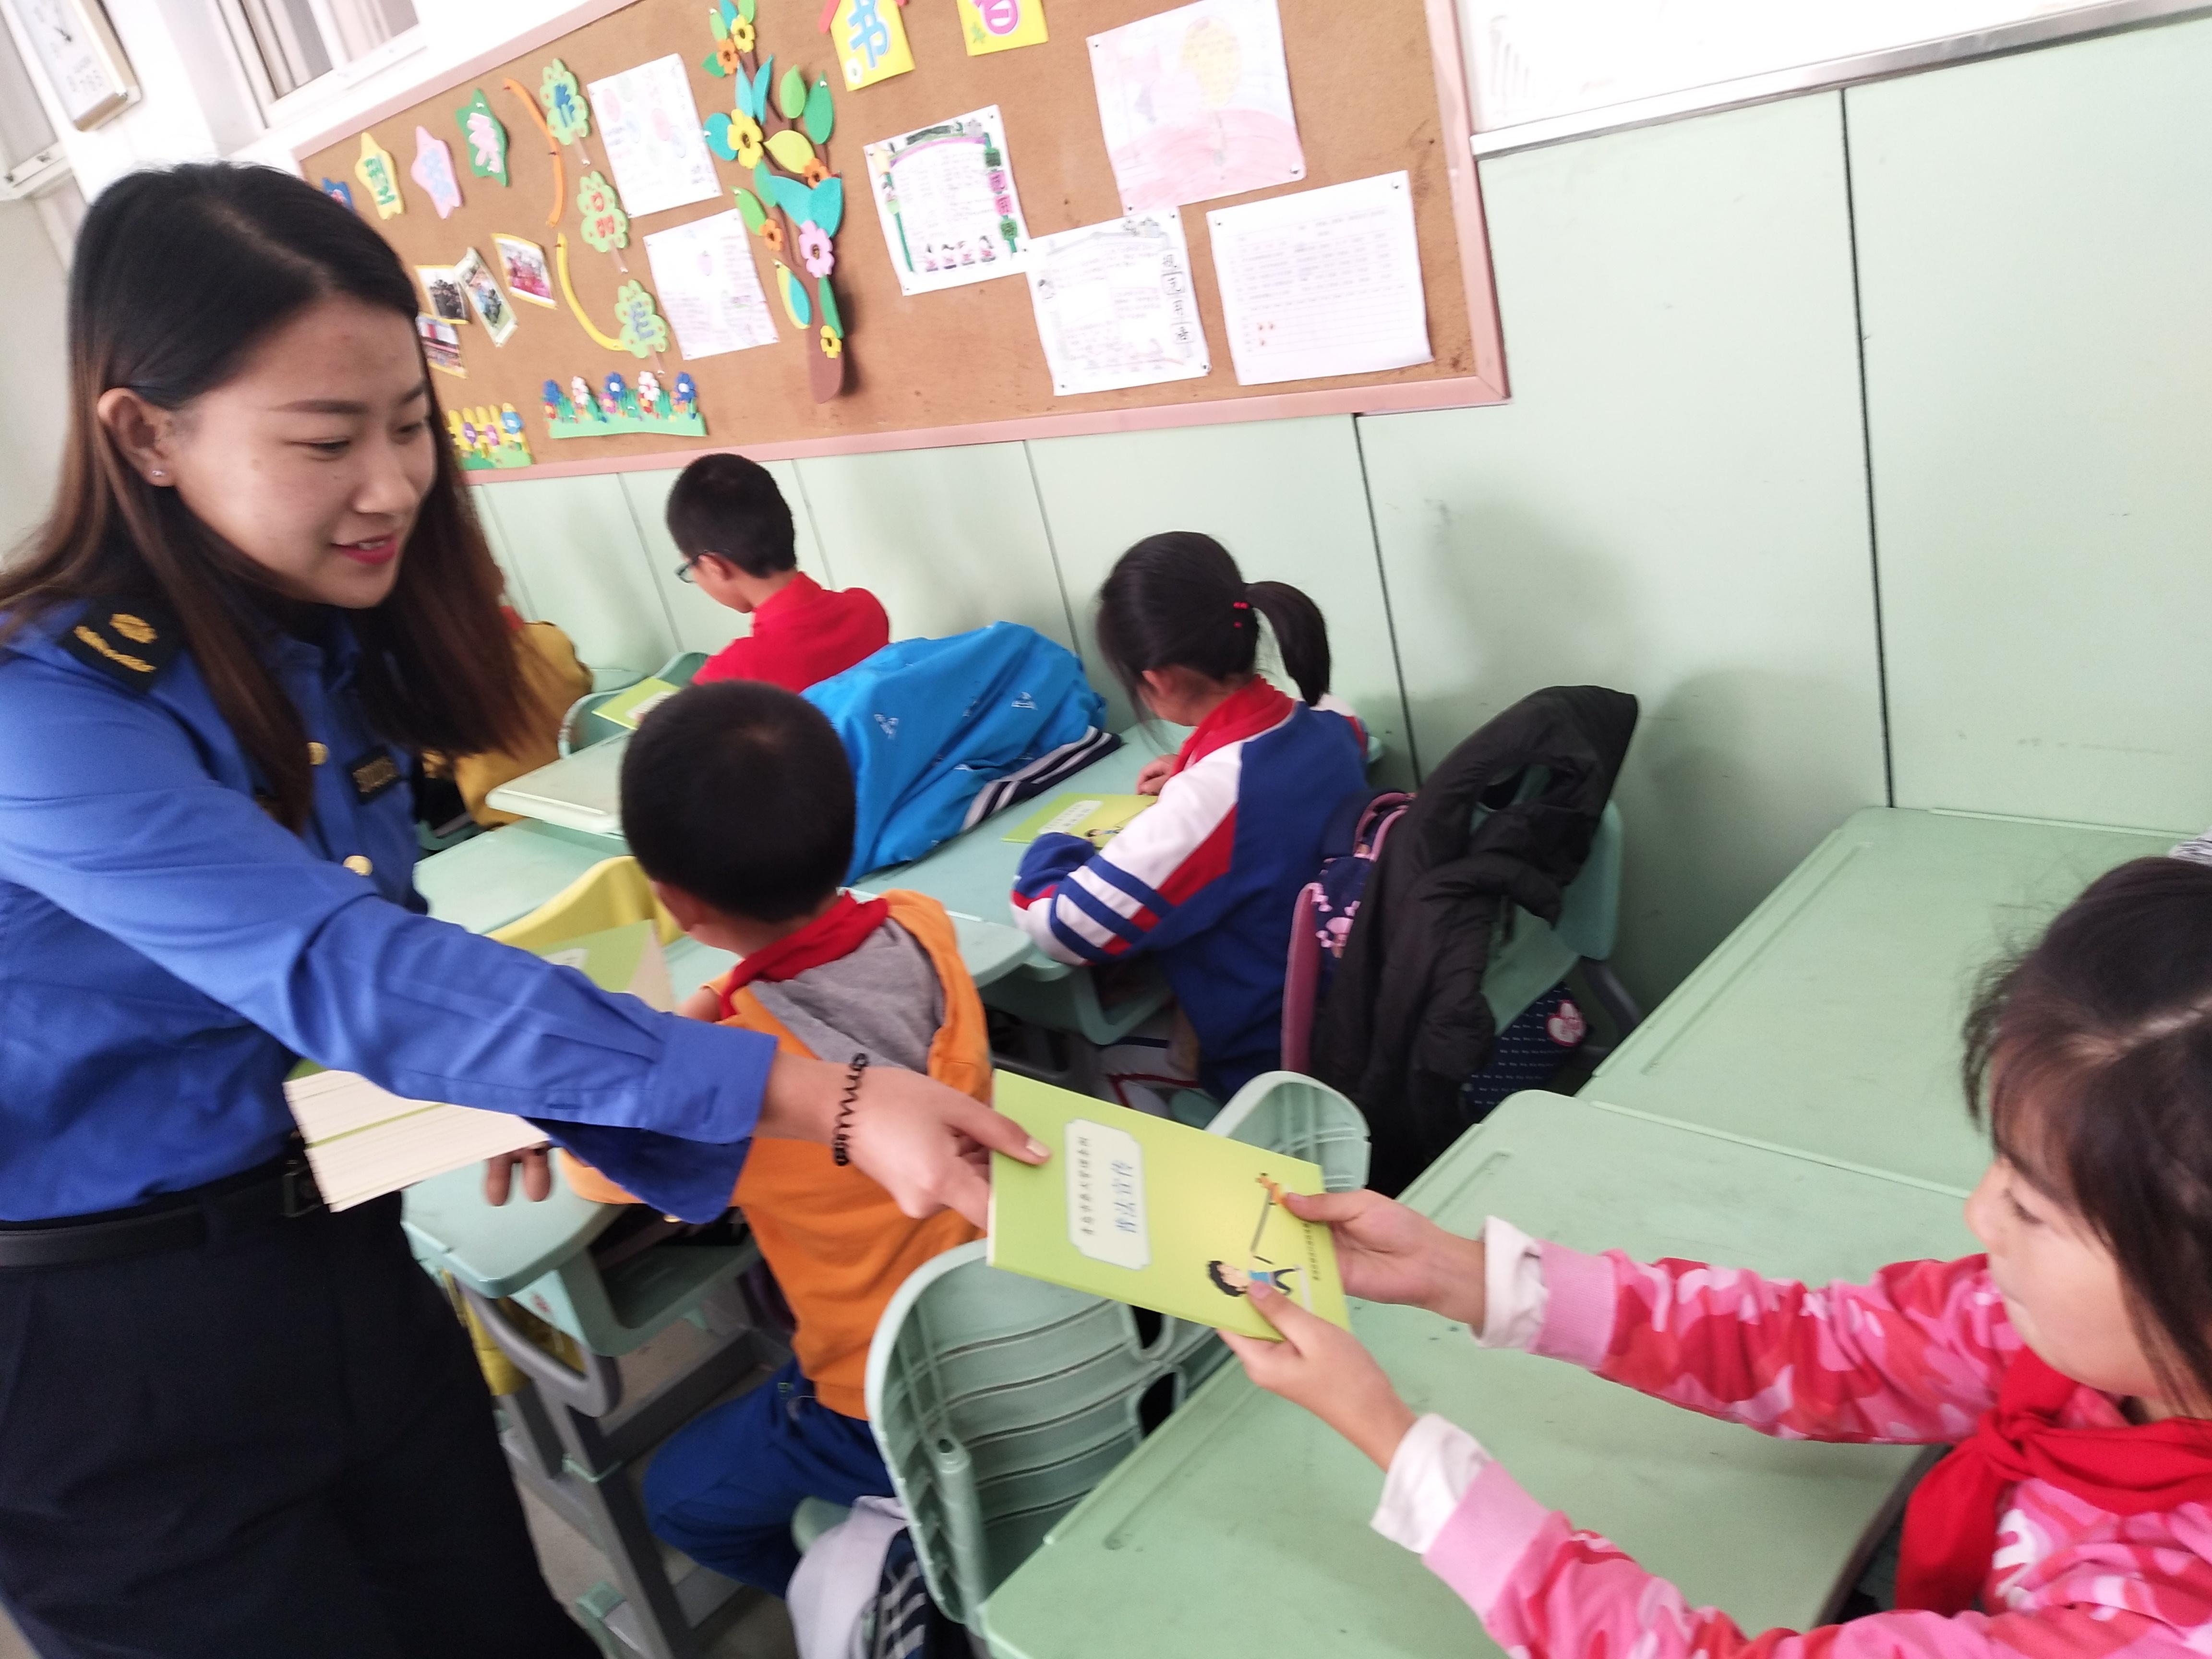 青岛市开展养犬管理专项整治行动 重点整治四类不文明行为